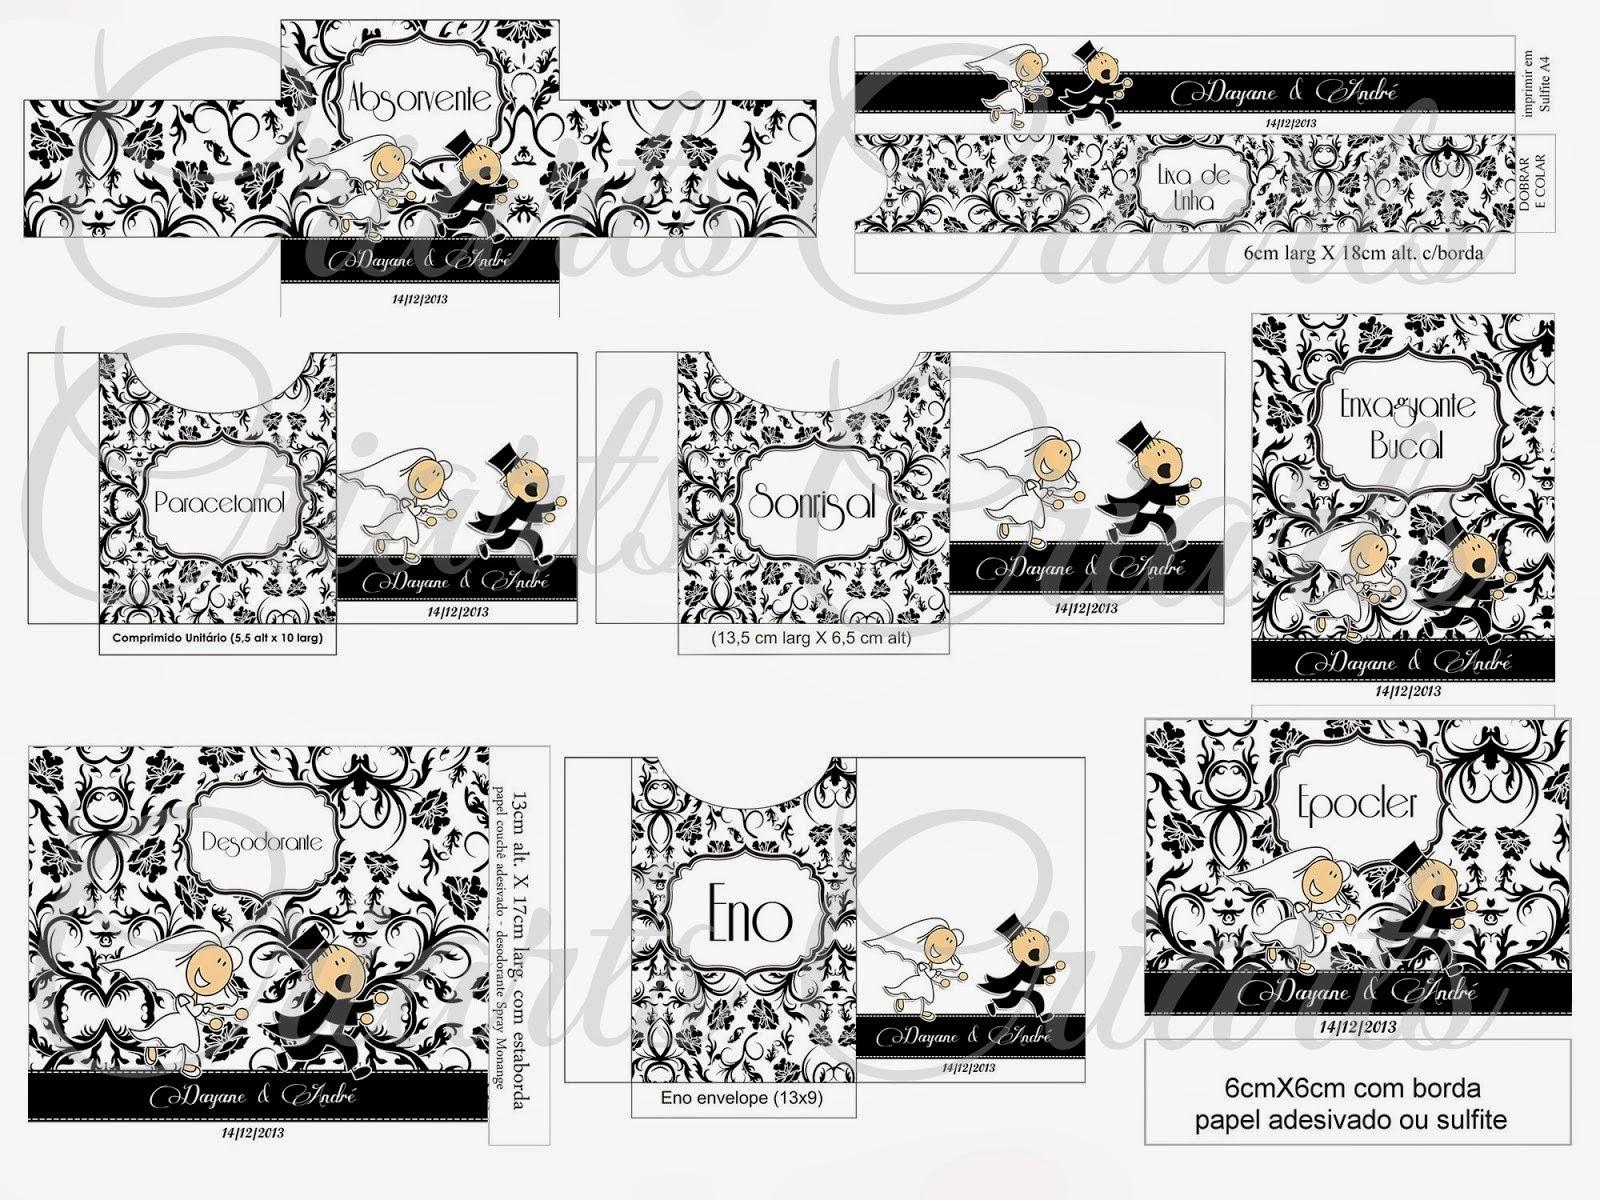 Criarts Personalizações: Kit Banheiro Preto e Branco com noivinhos #947137 1600 1200